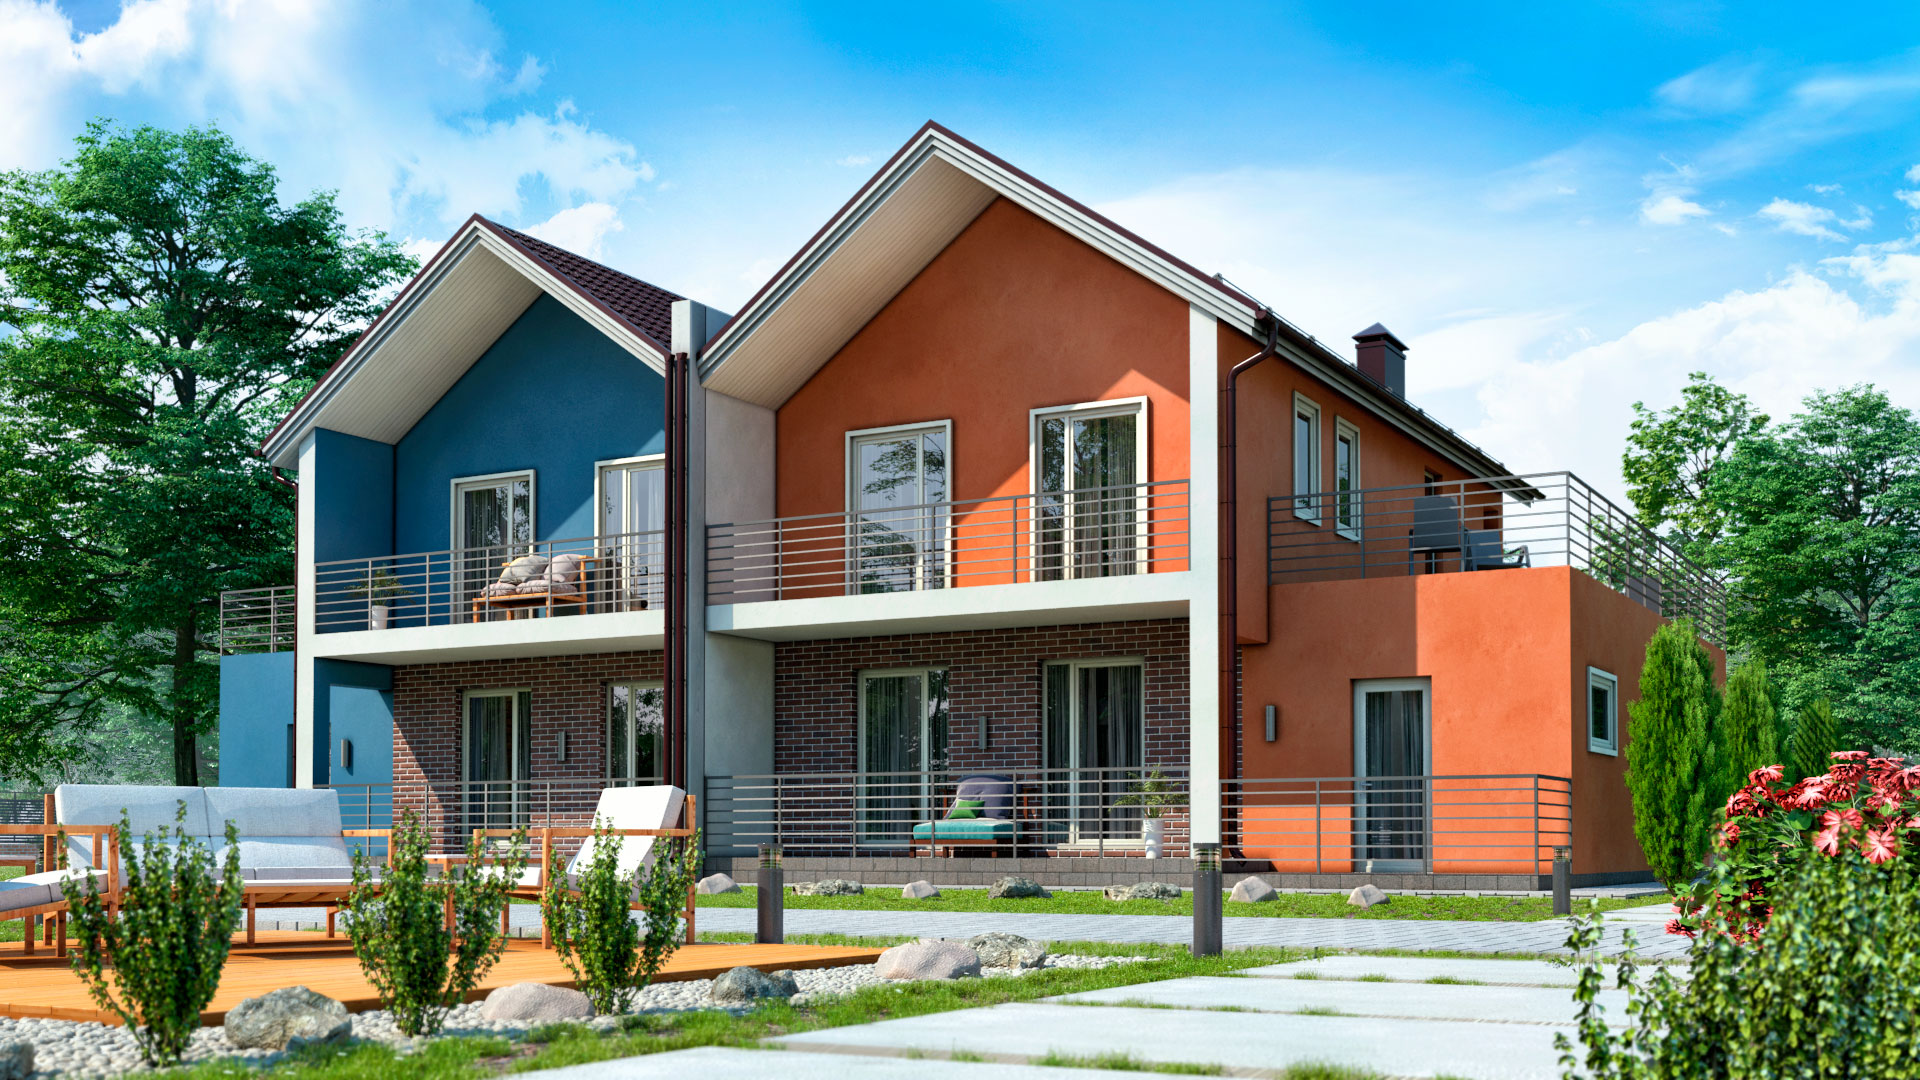 Загородный двухэтажный дом с гаражами и террасами под ключ, 195,35 квадратных метра, 5  комнат. Проект БЭНПАН-391.